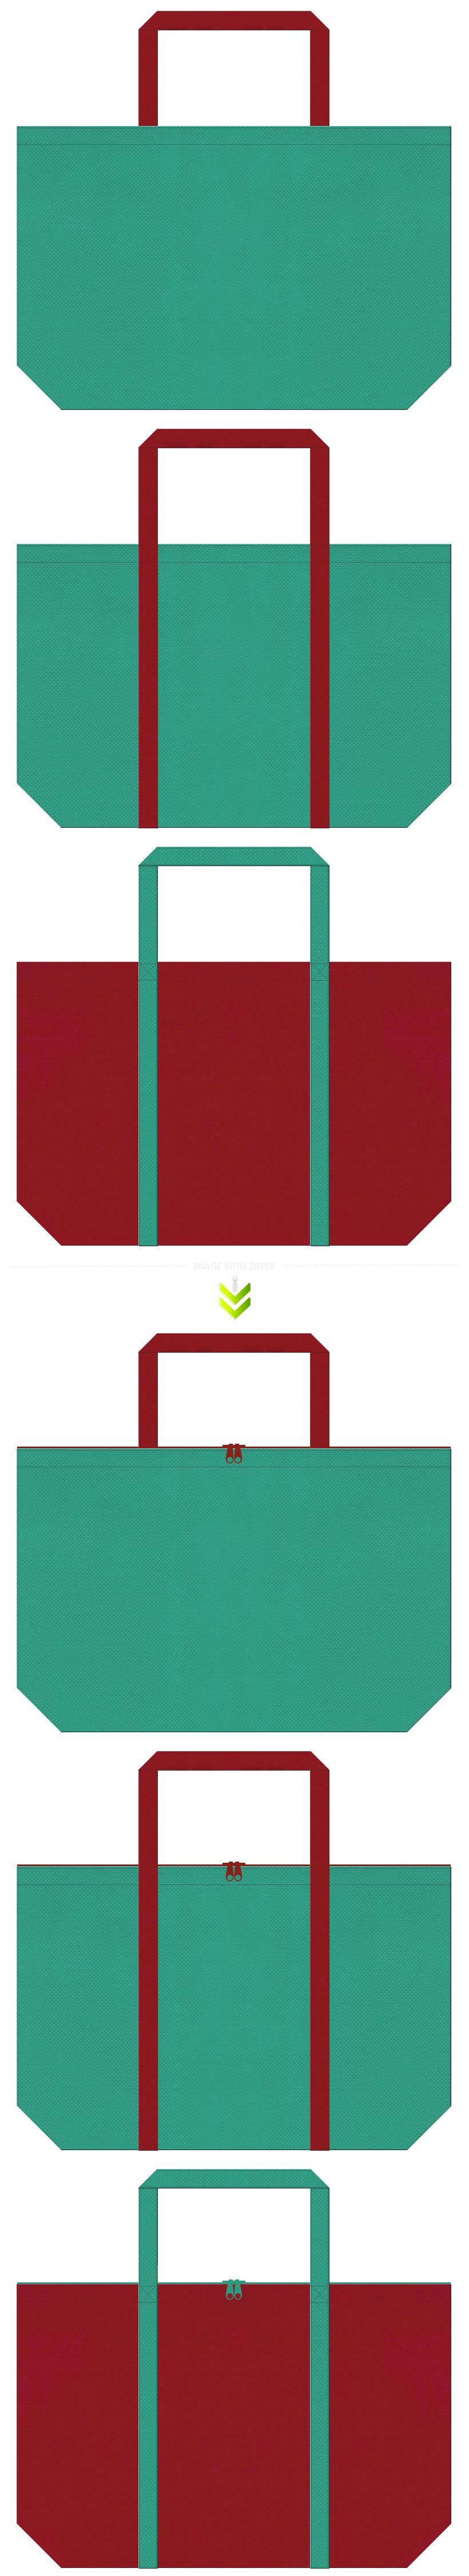 卒業式・成人式・メモリー・アルバム・写真館・和風催事・着物・帯・振袖のショッピングバッグにお奨めの不織布バッグデザイン:青緑色とエンジ色のコーデ